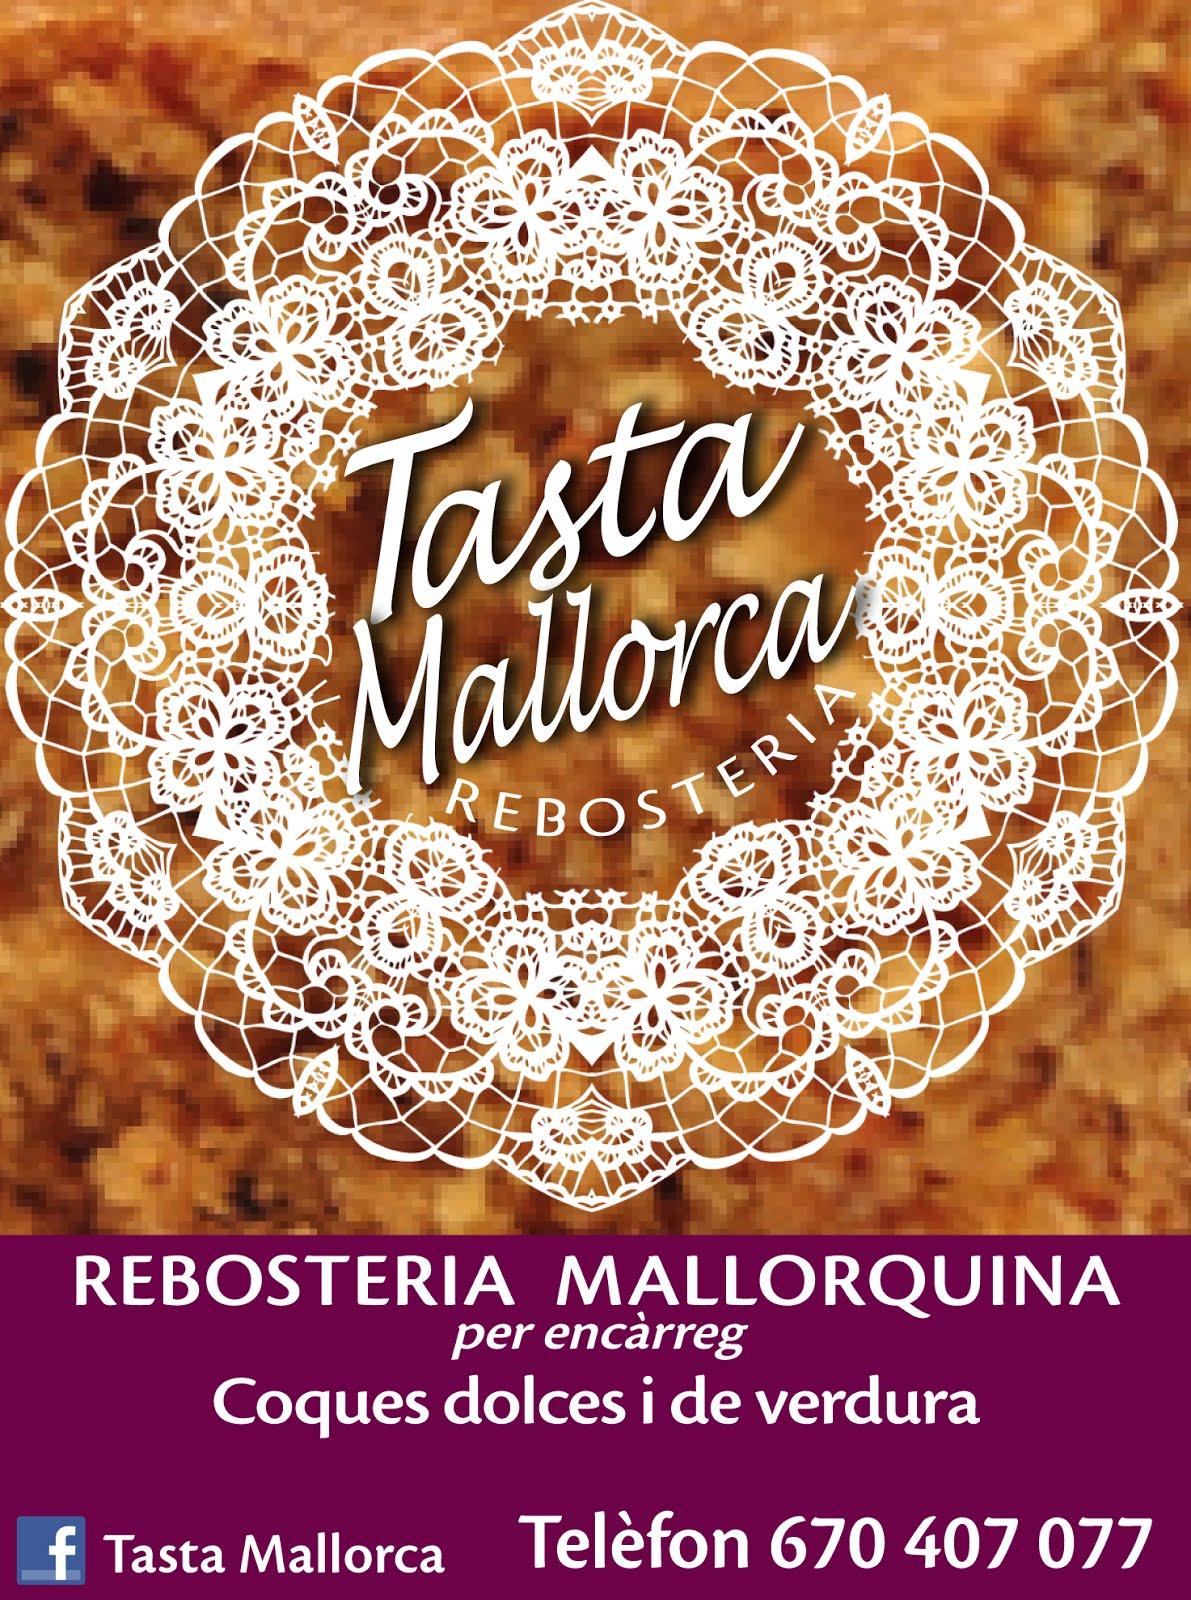 Tasta Mallorca